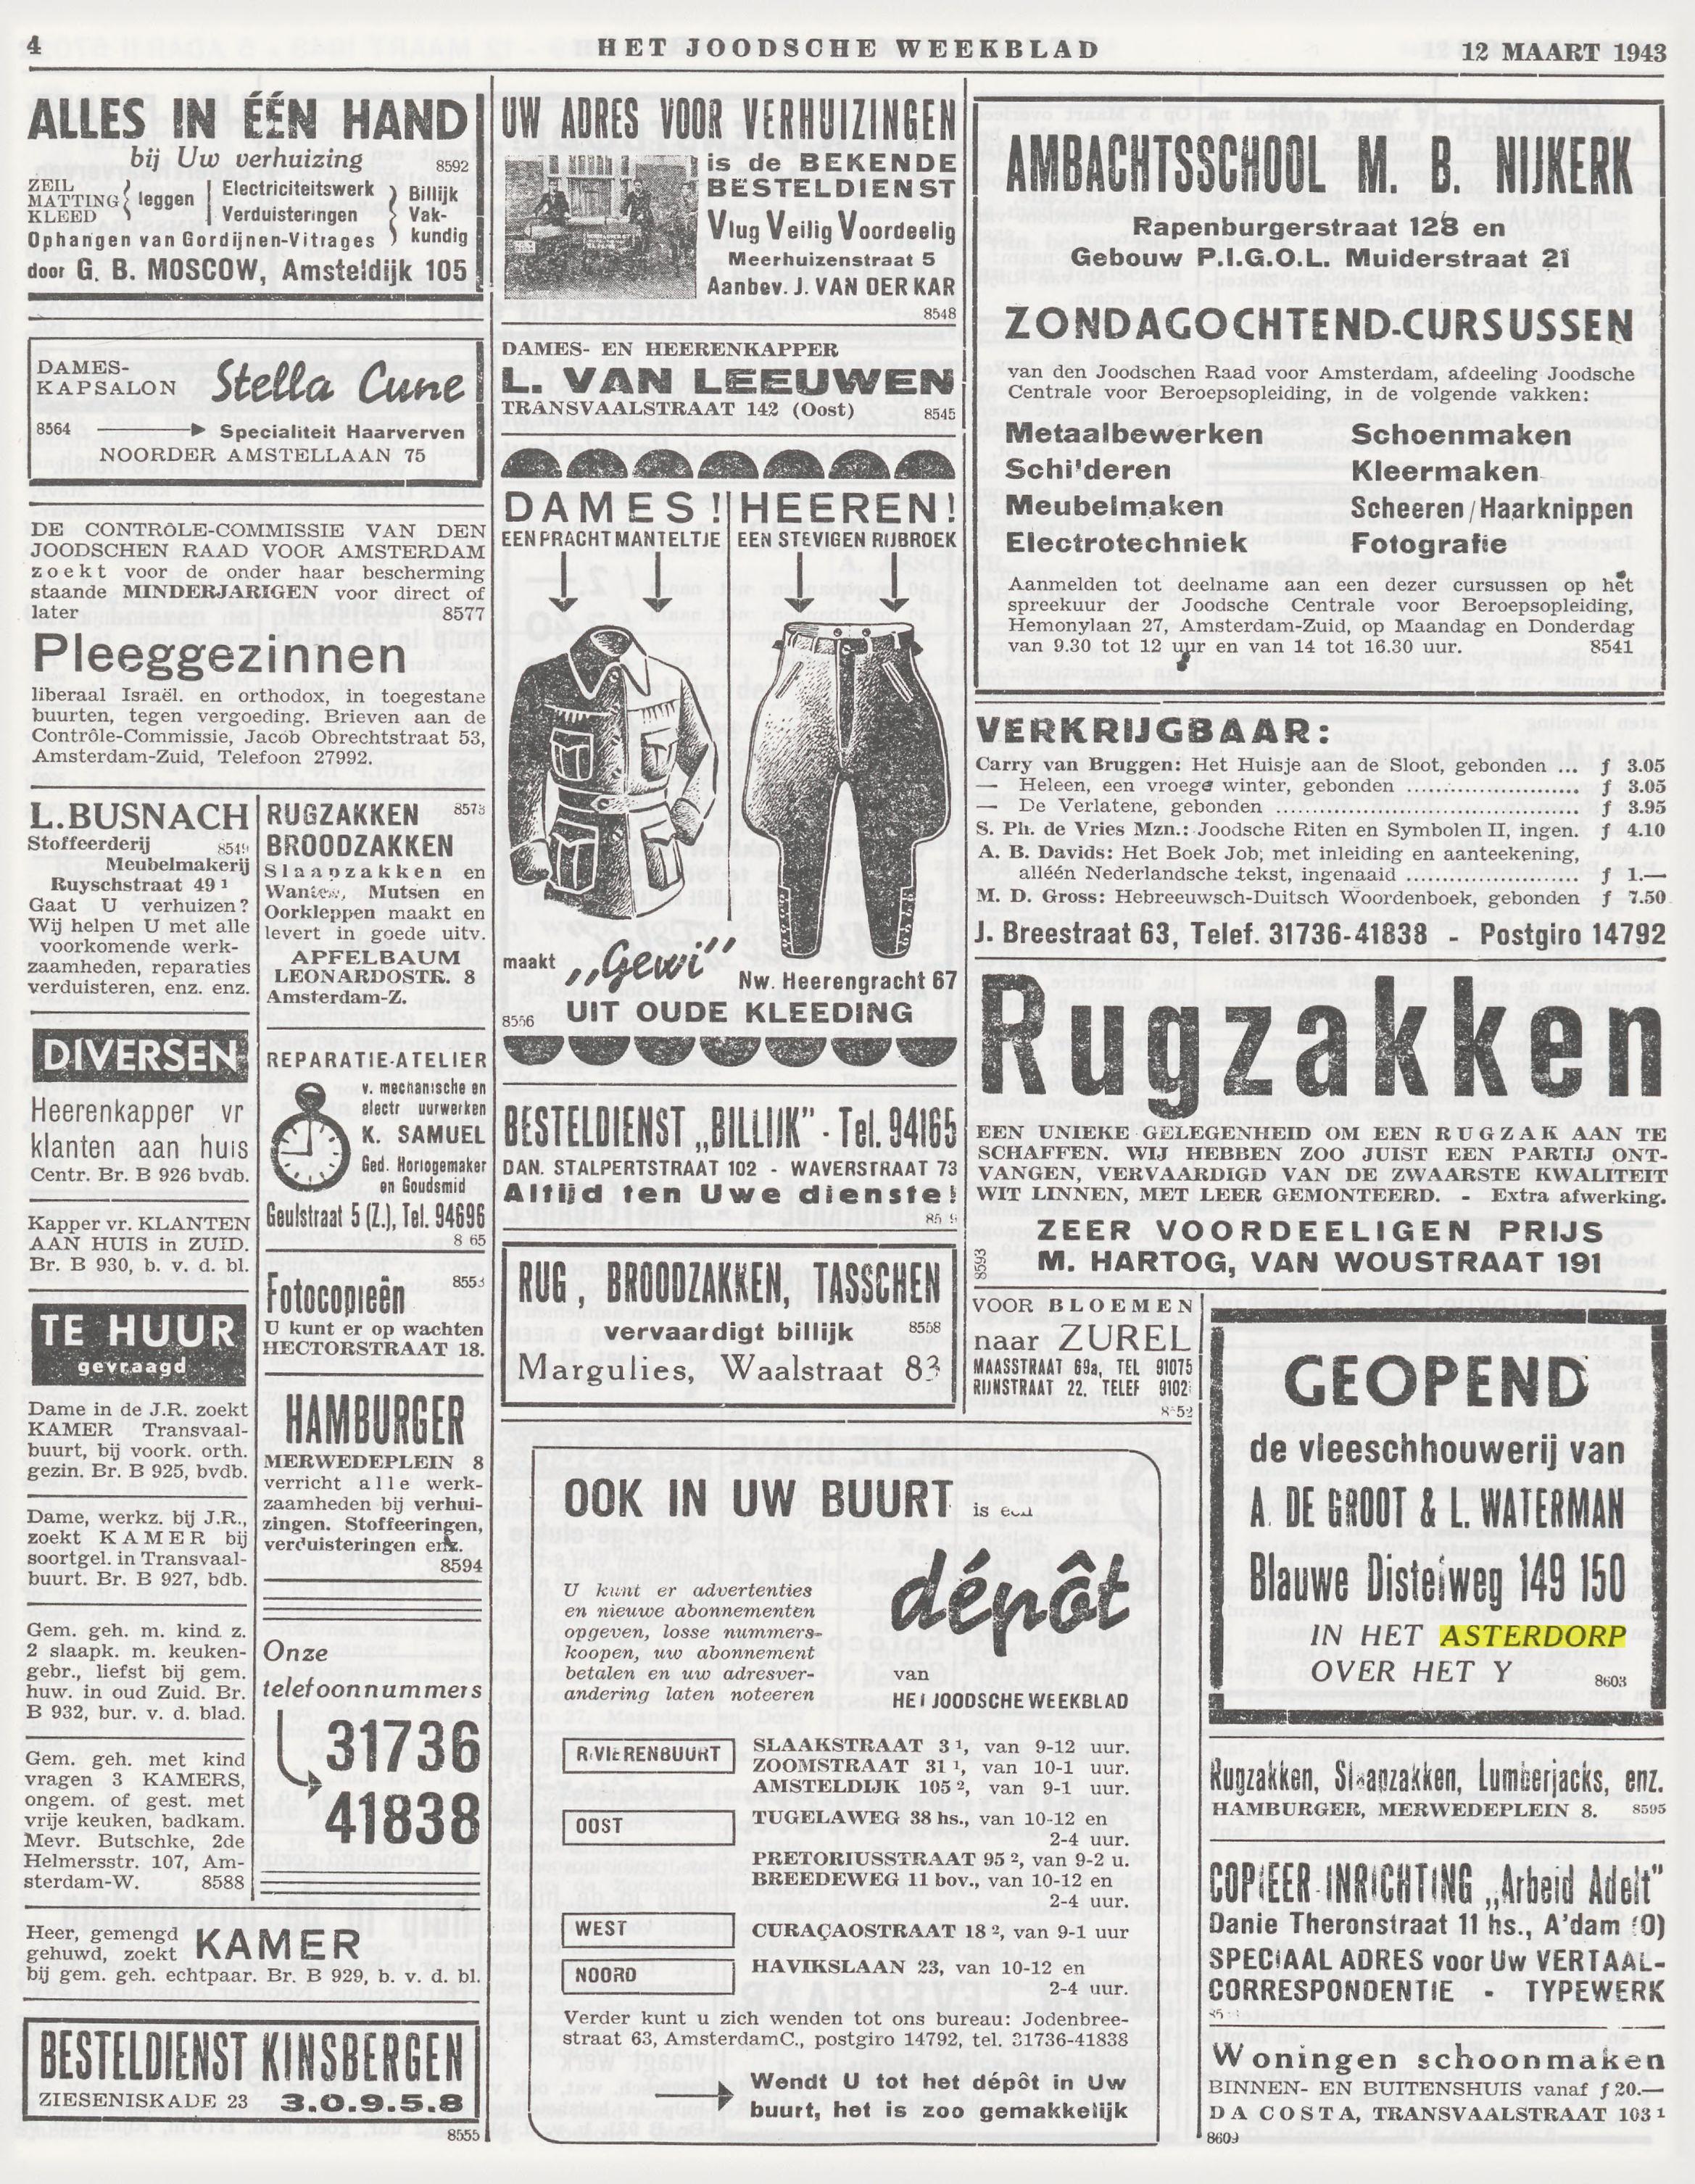 joodsweekblad-maart-1943-waterman